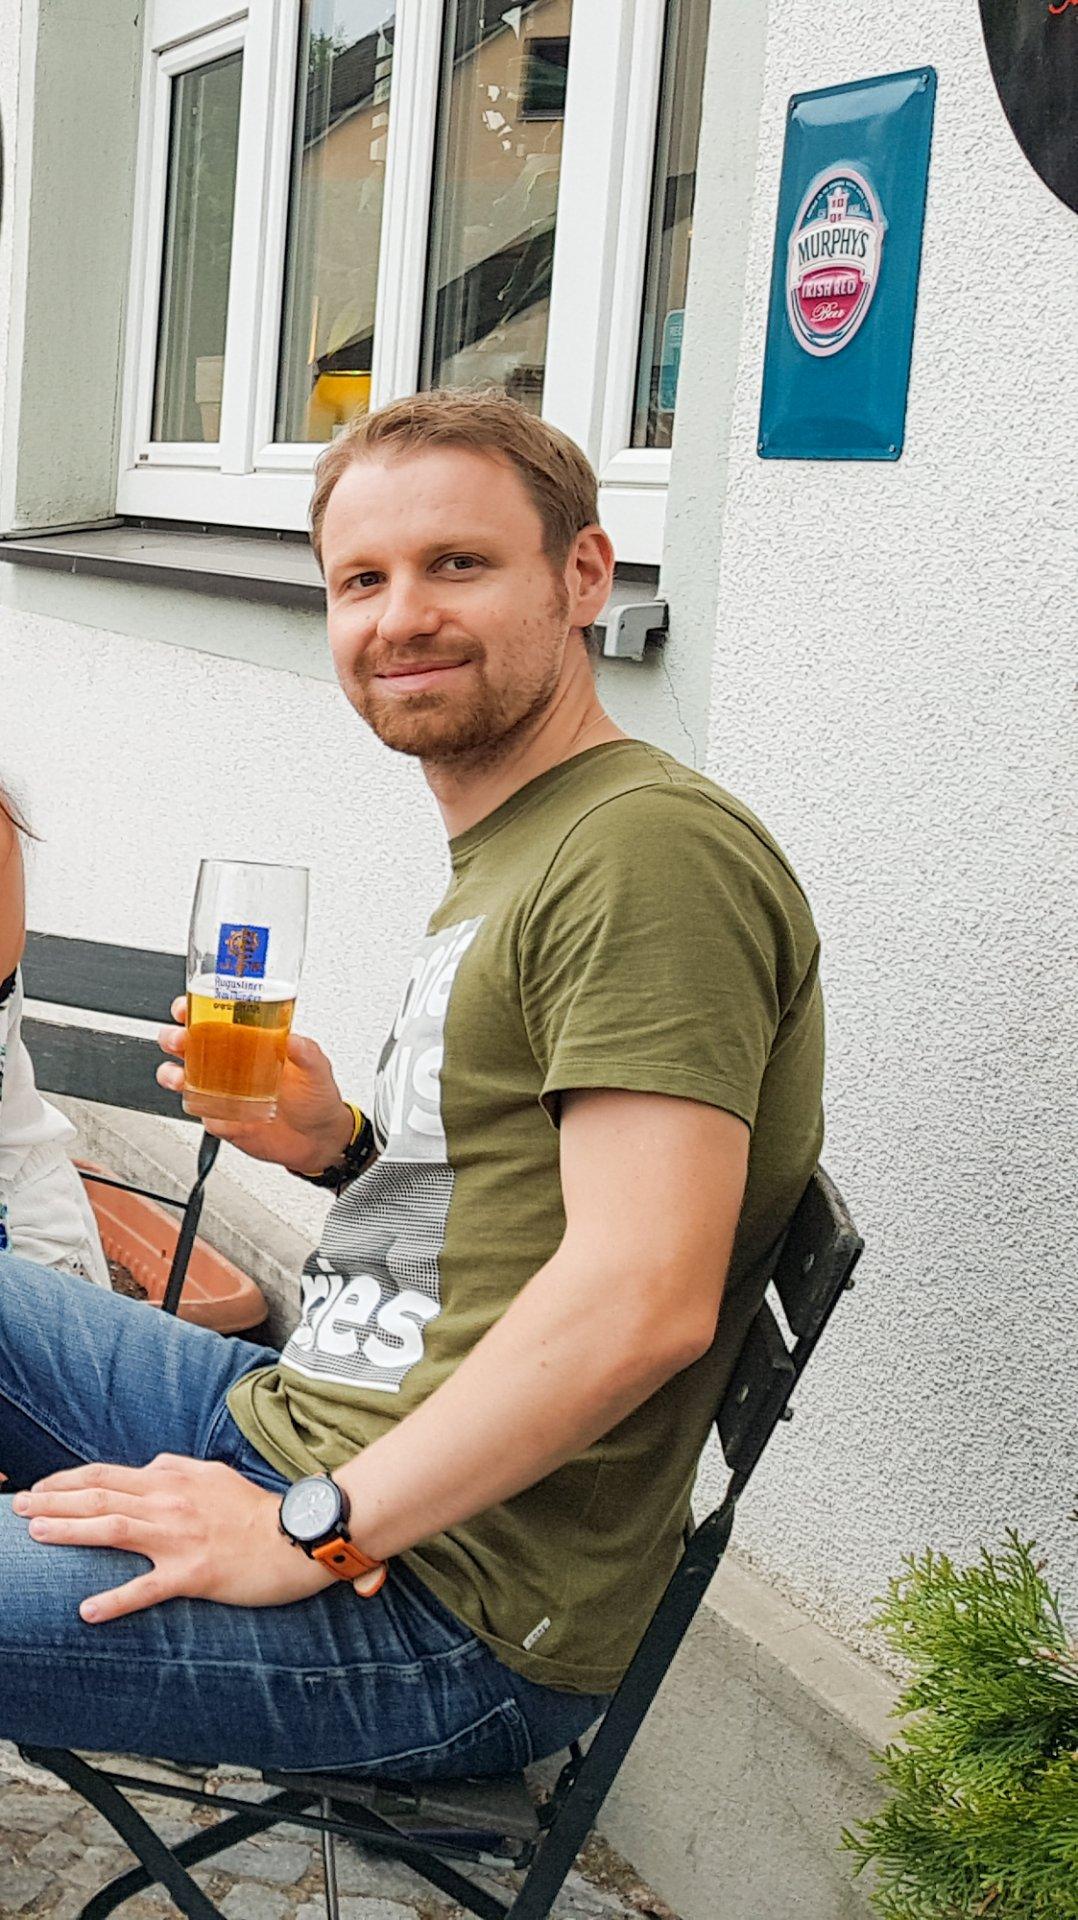 pxstevenbe aus Bayern,Deutschland